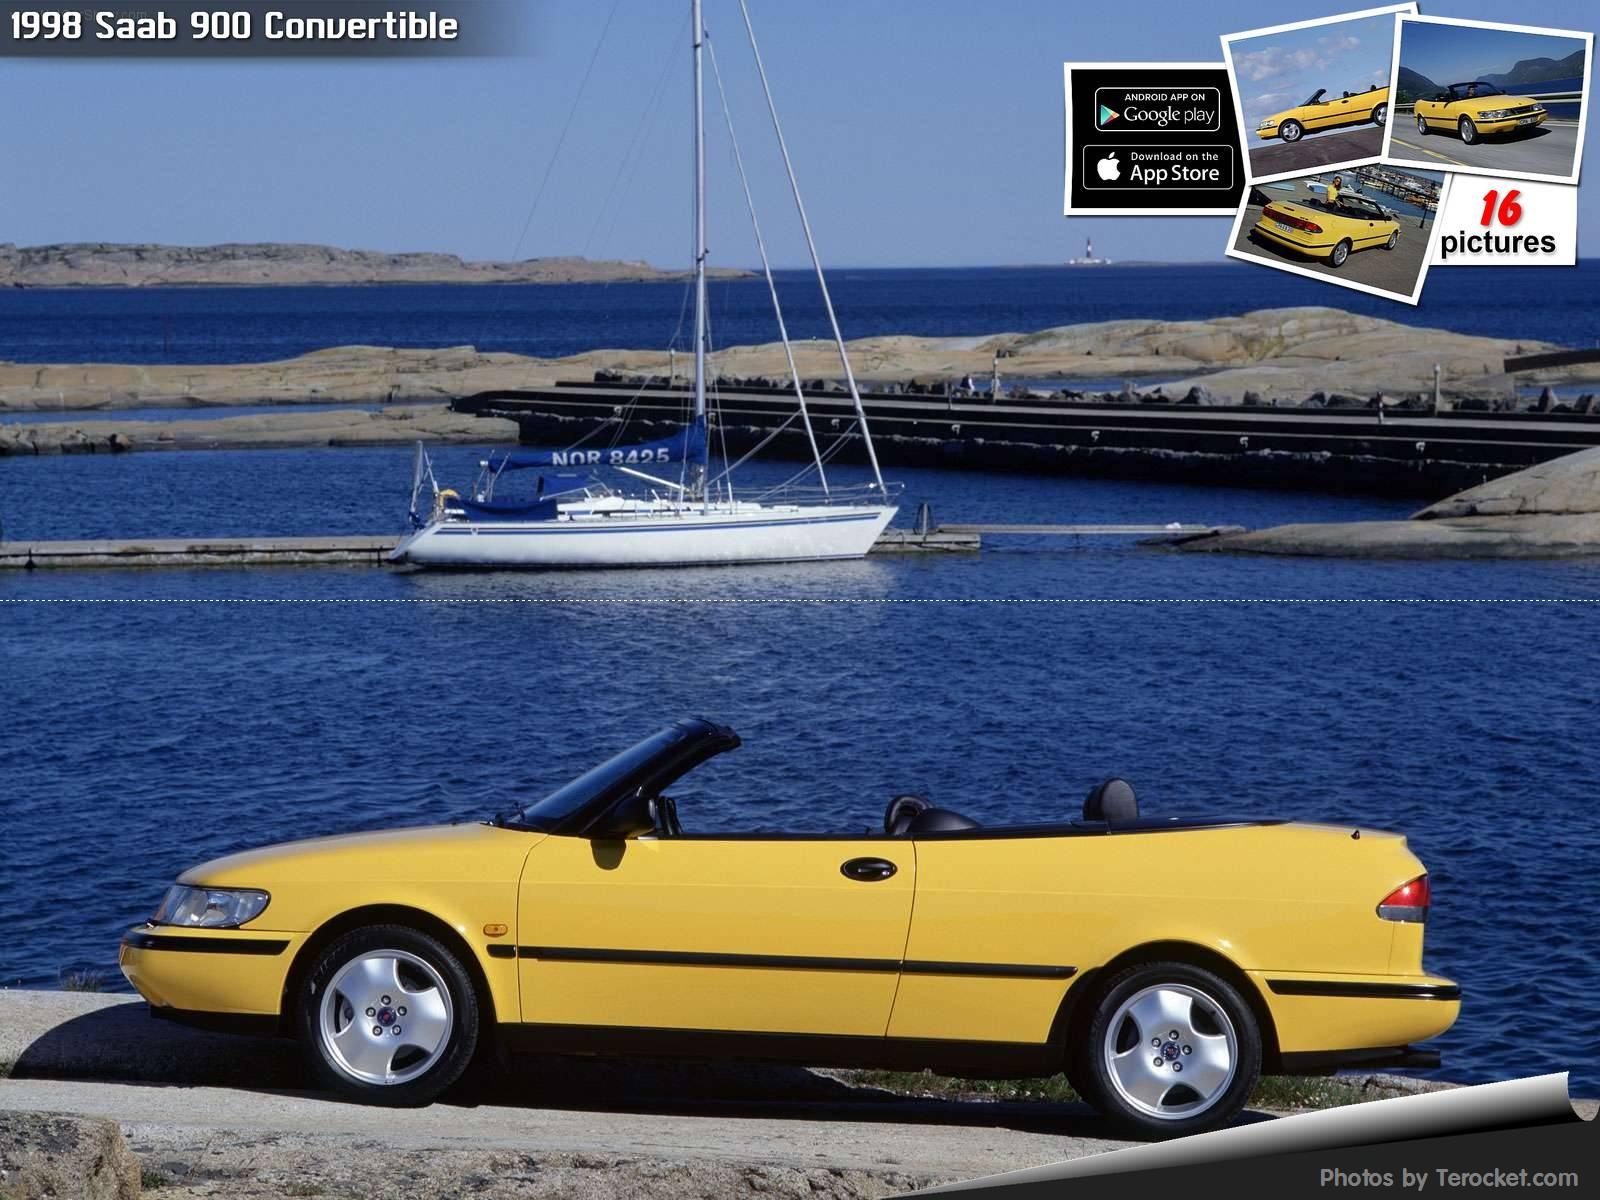 Hình ảnh xe ô tô Saab 900 Convertible 1998 & nội ngoại thất